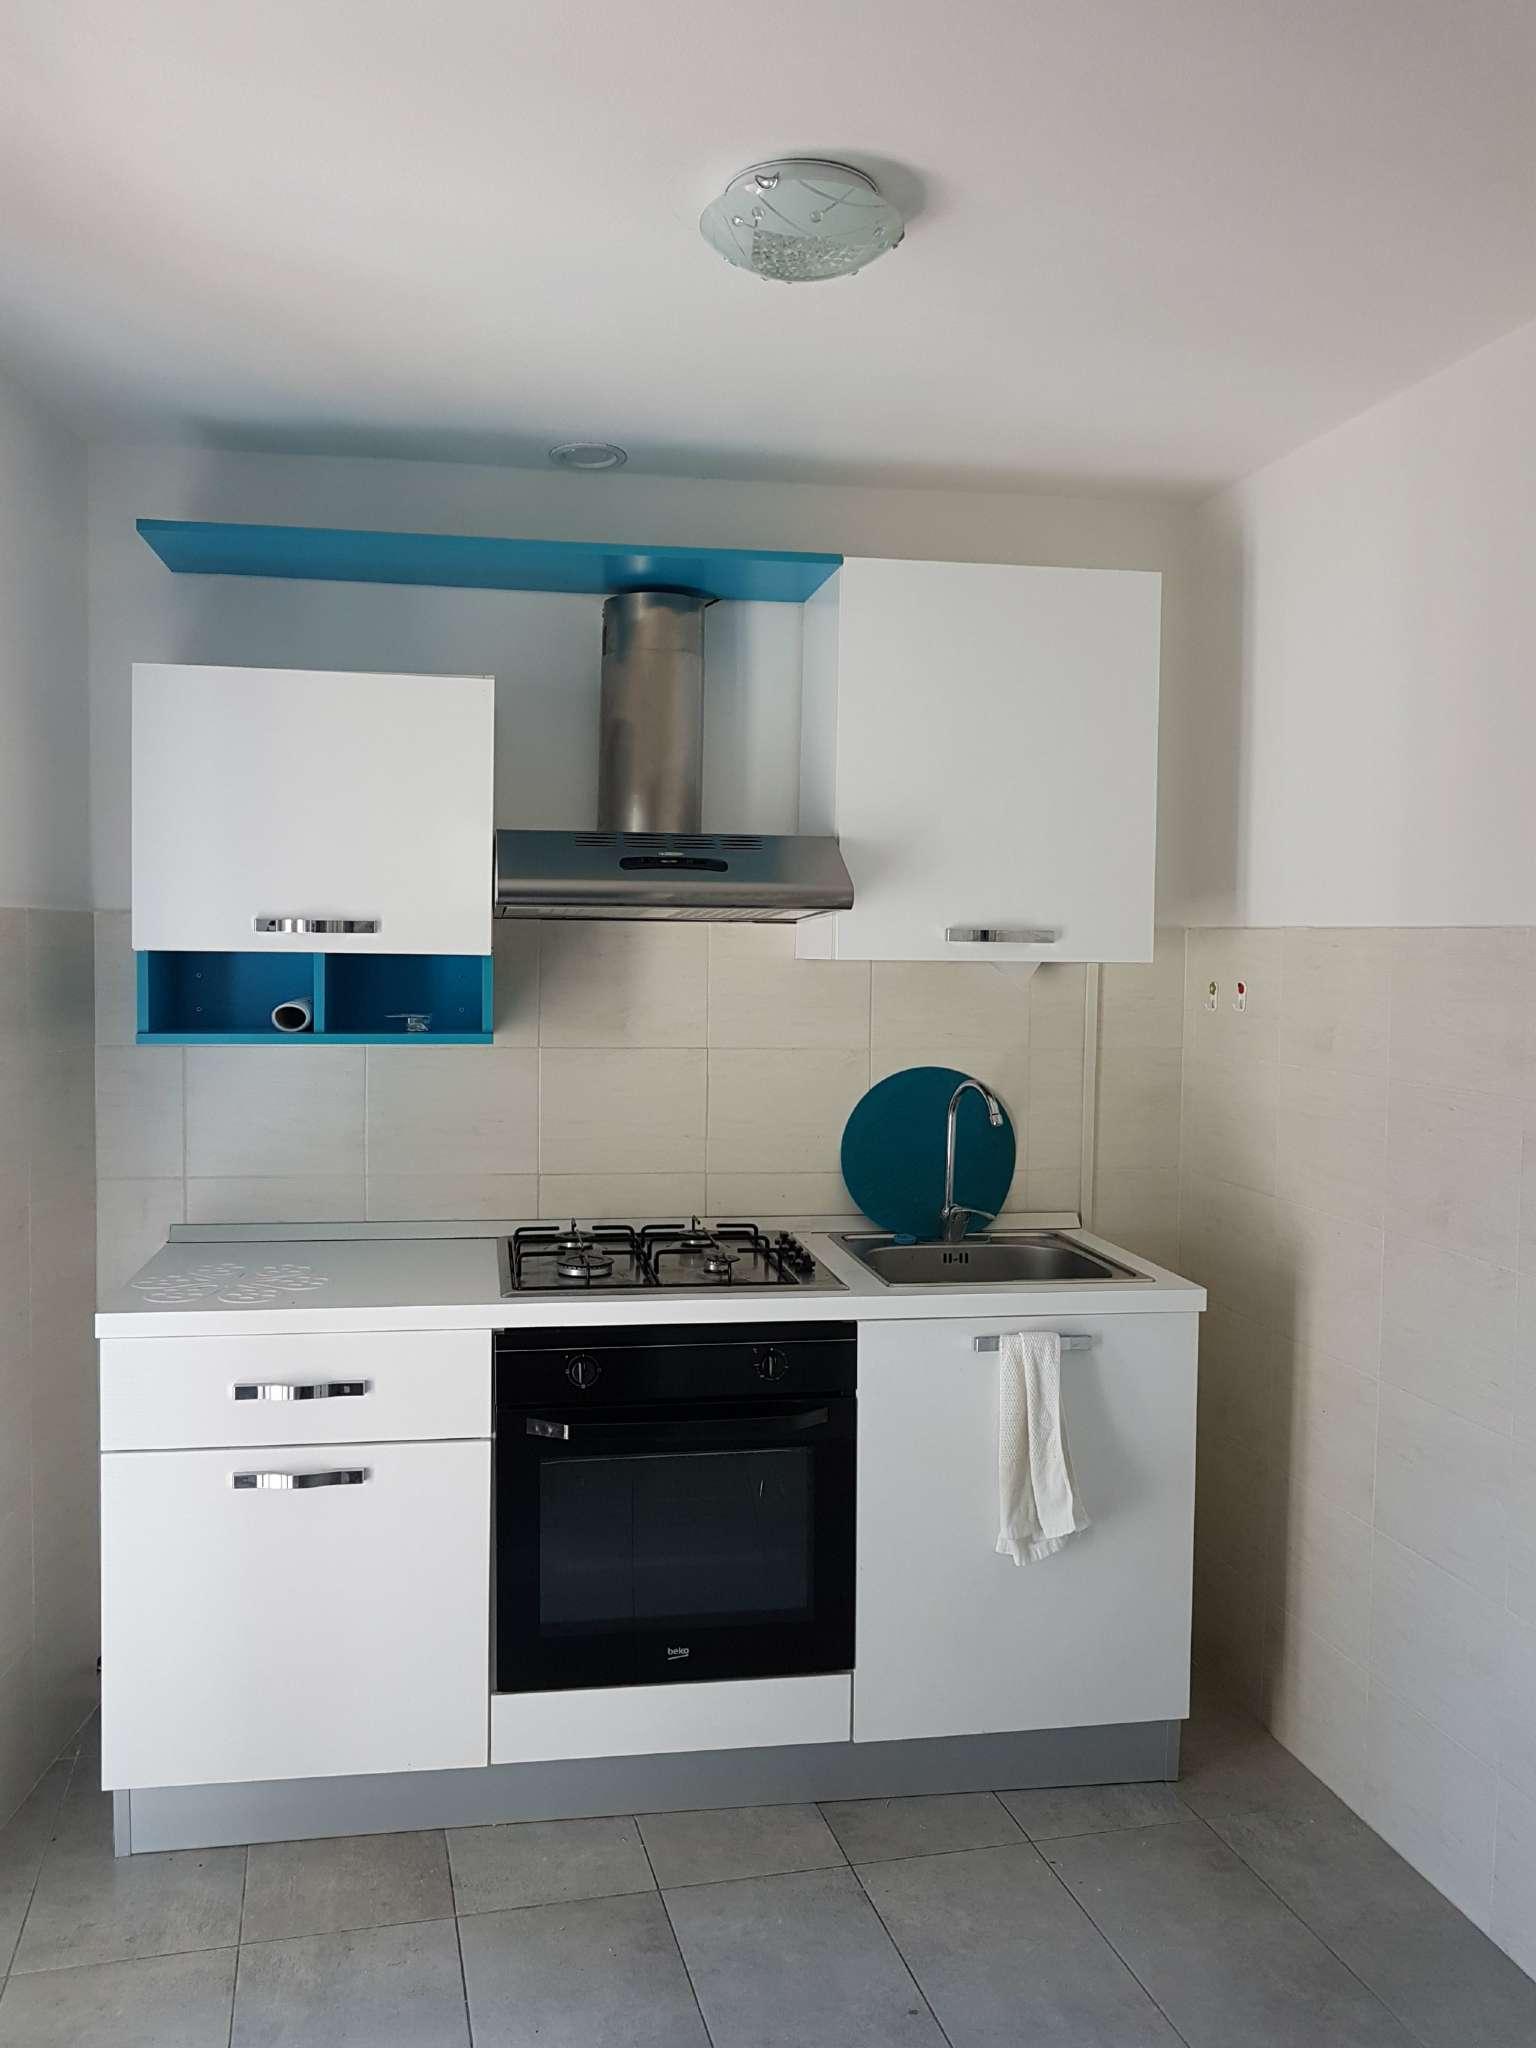 Appartamento in affitto a Cernobbio, 2 locali, prezzo € 650 | CambioCasa.it